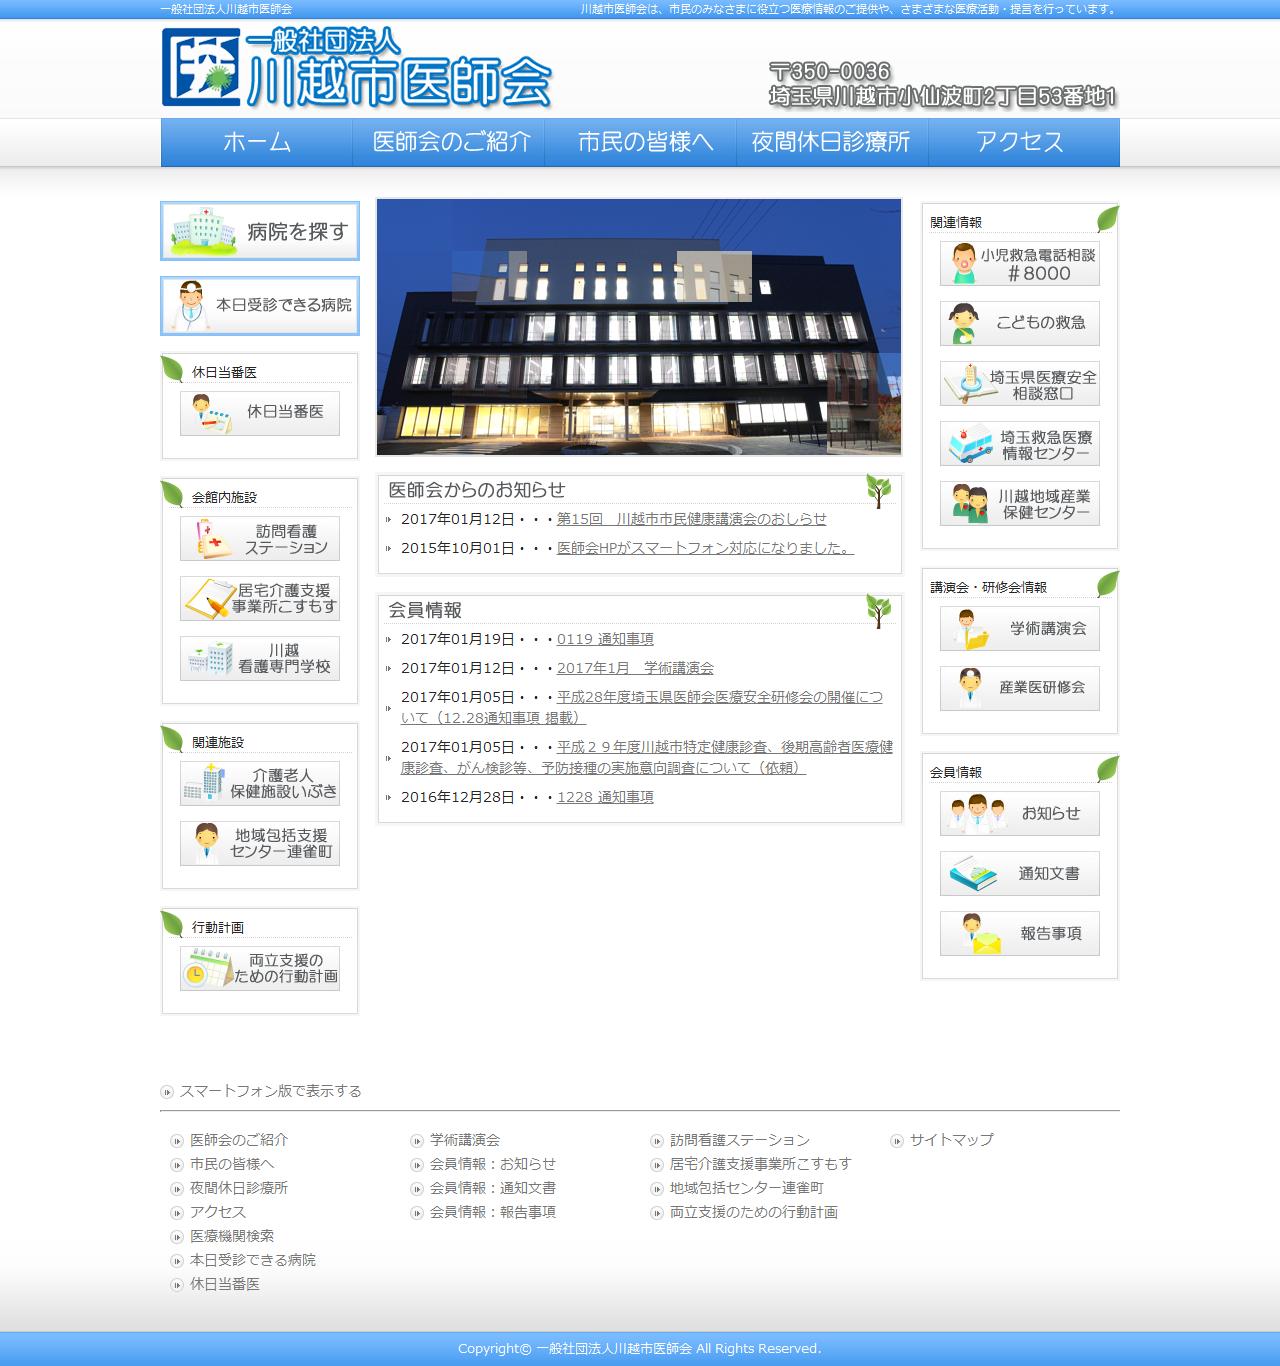 川越市医師会様公式ホームページ